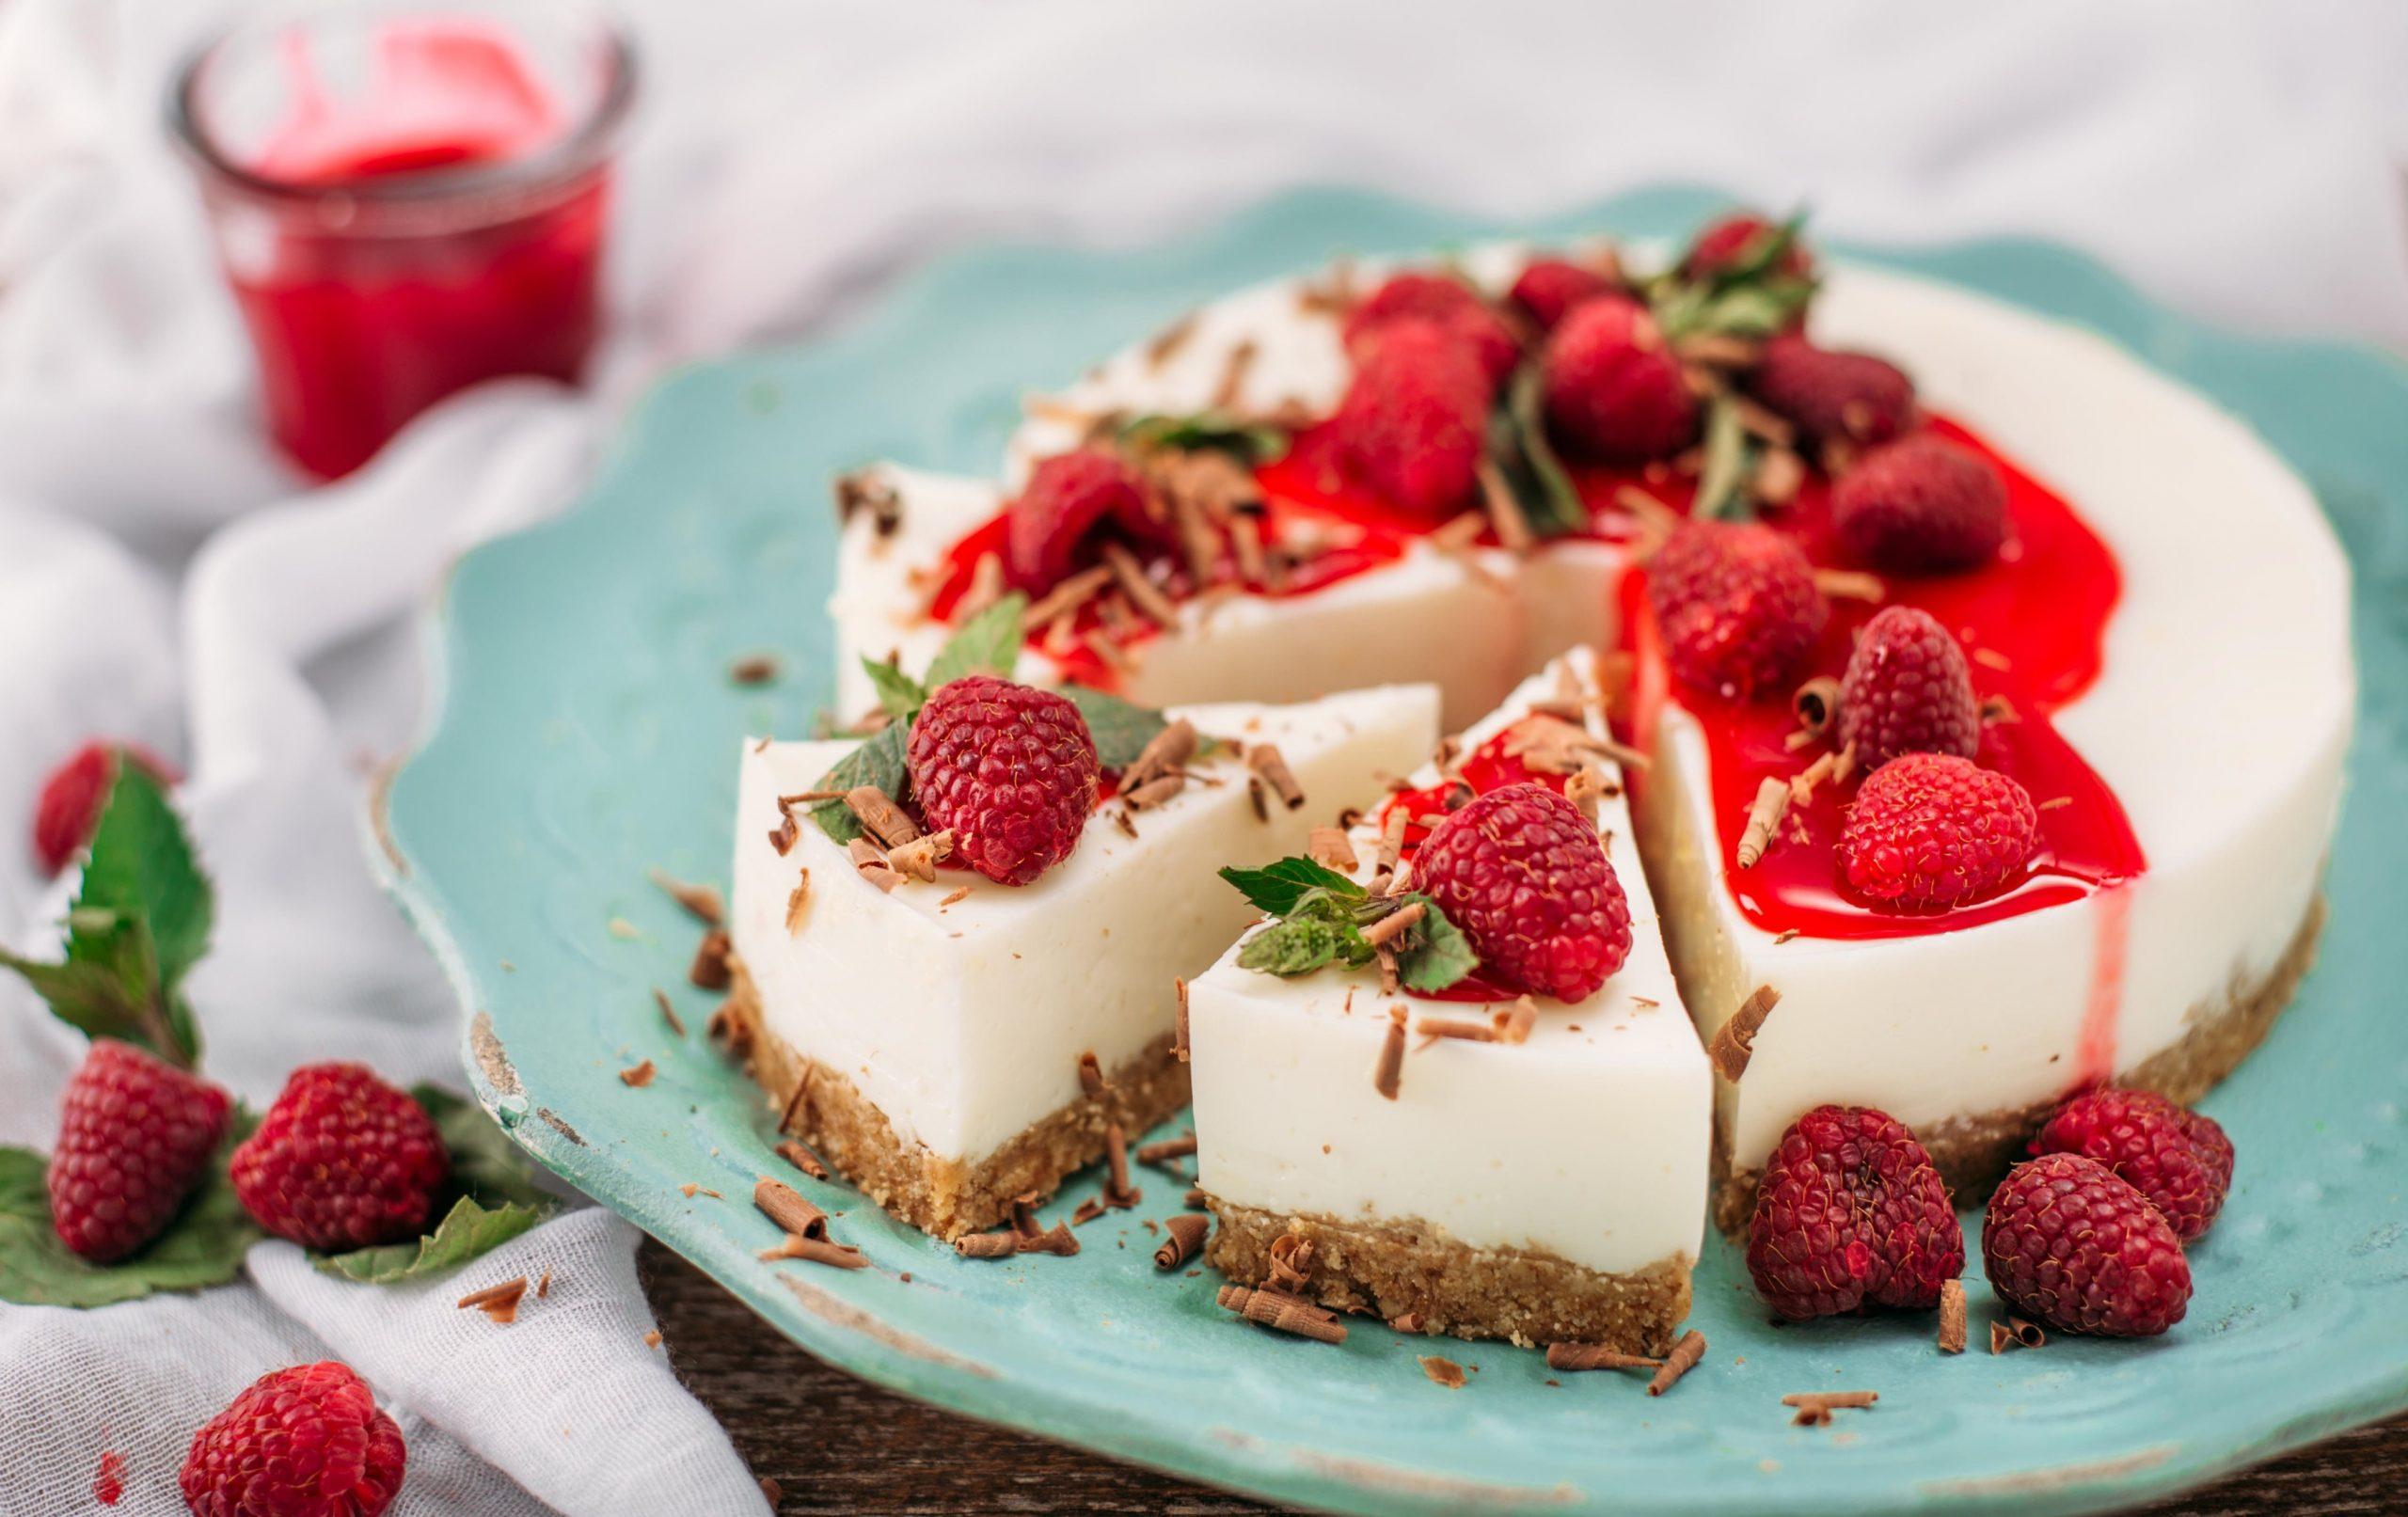 Jogurtova torta z malinami